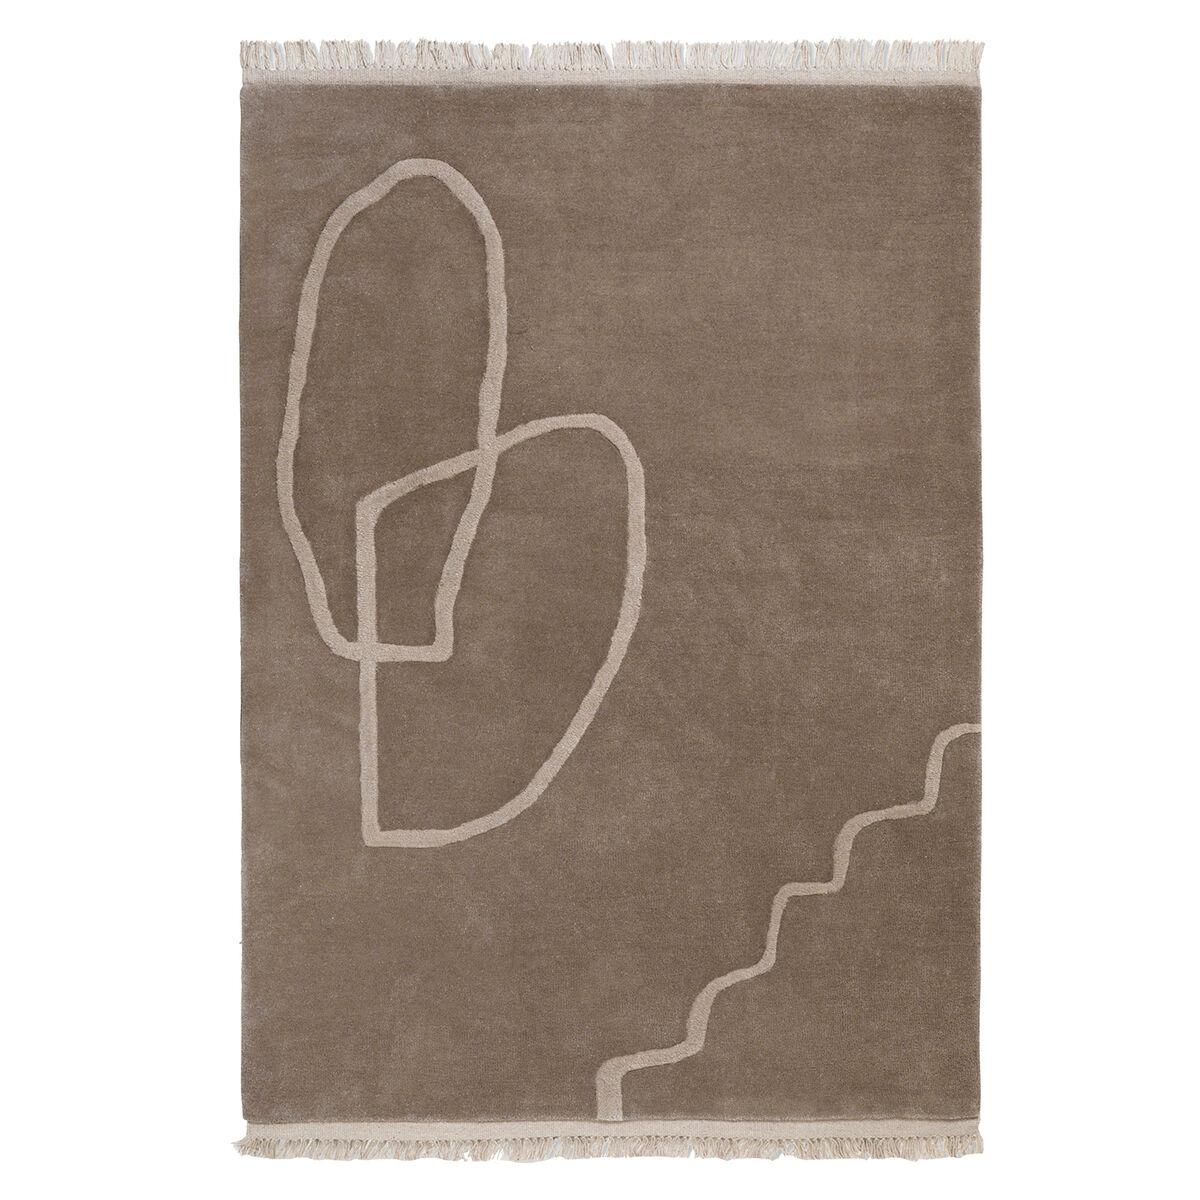 Image of Ferm Living Desert tuftattu matto 140 x 200 cm, hiekka